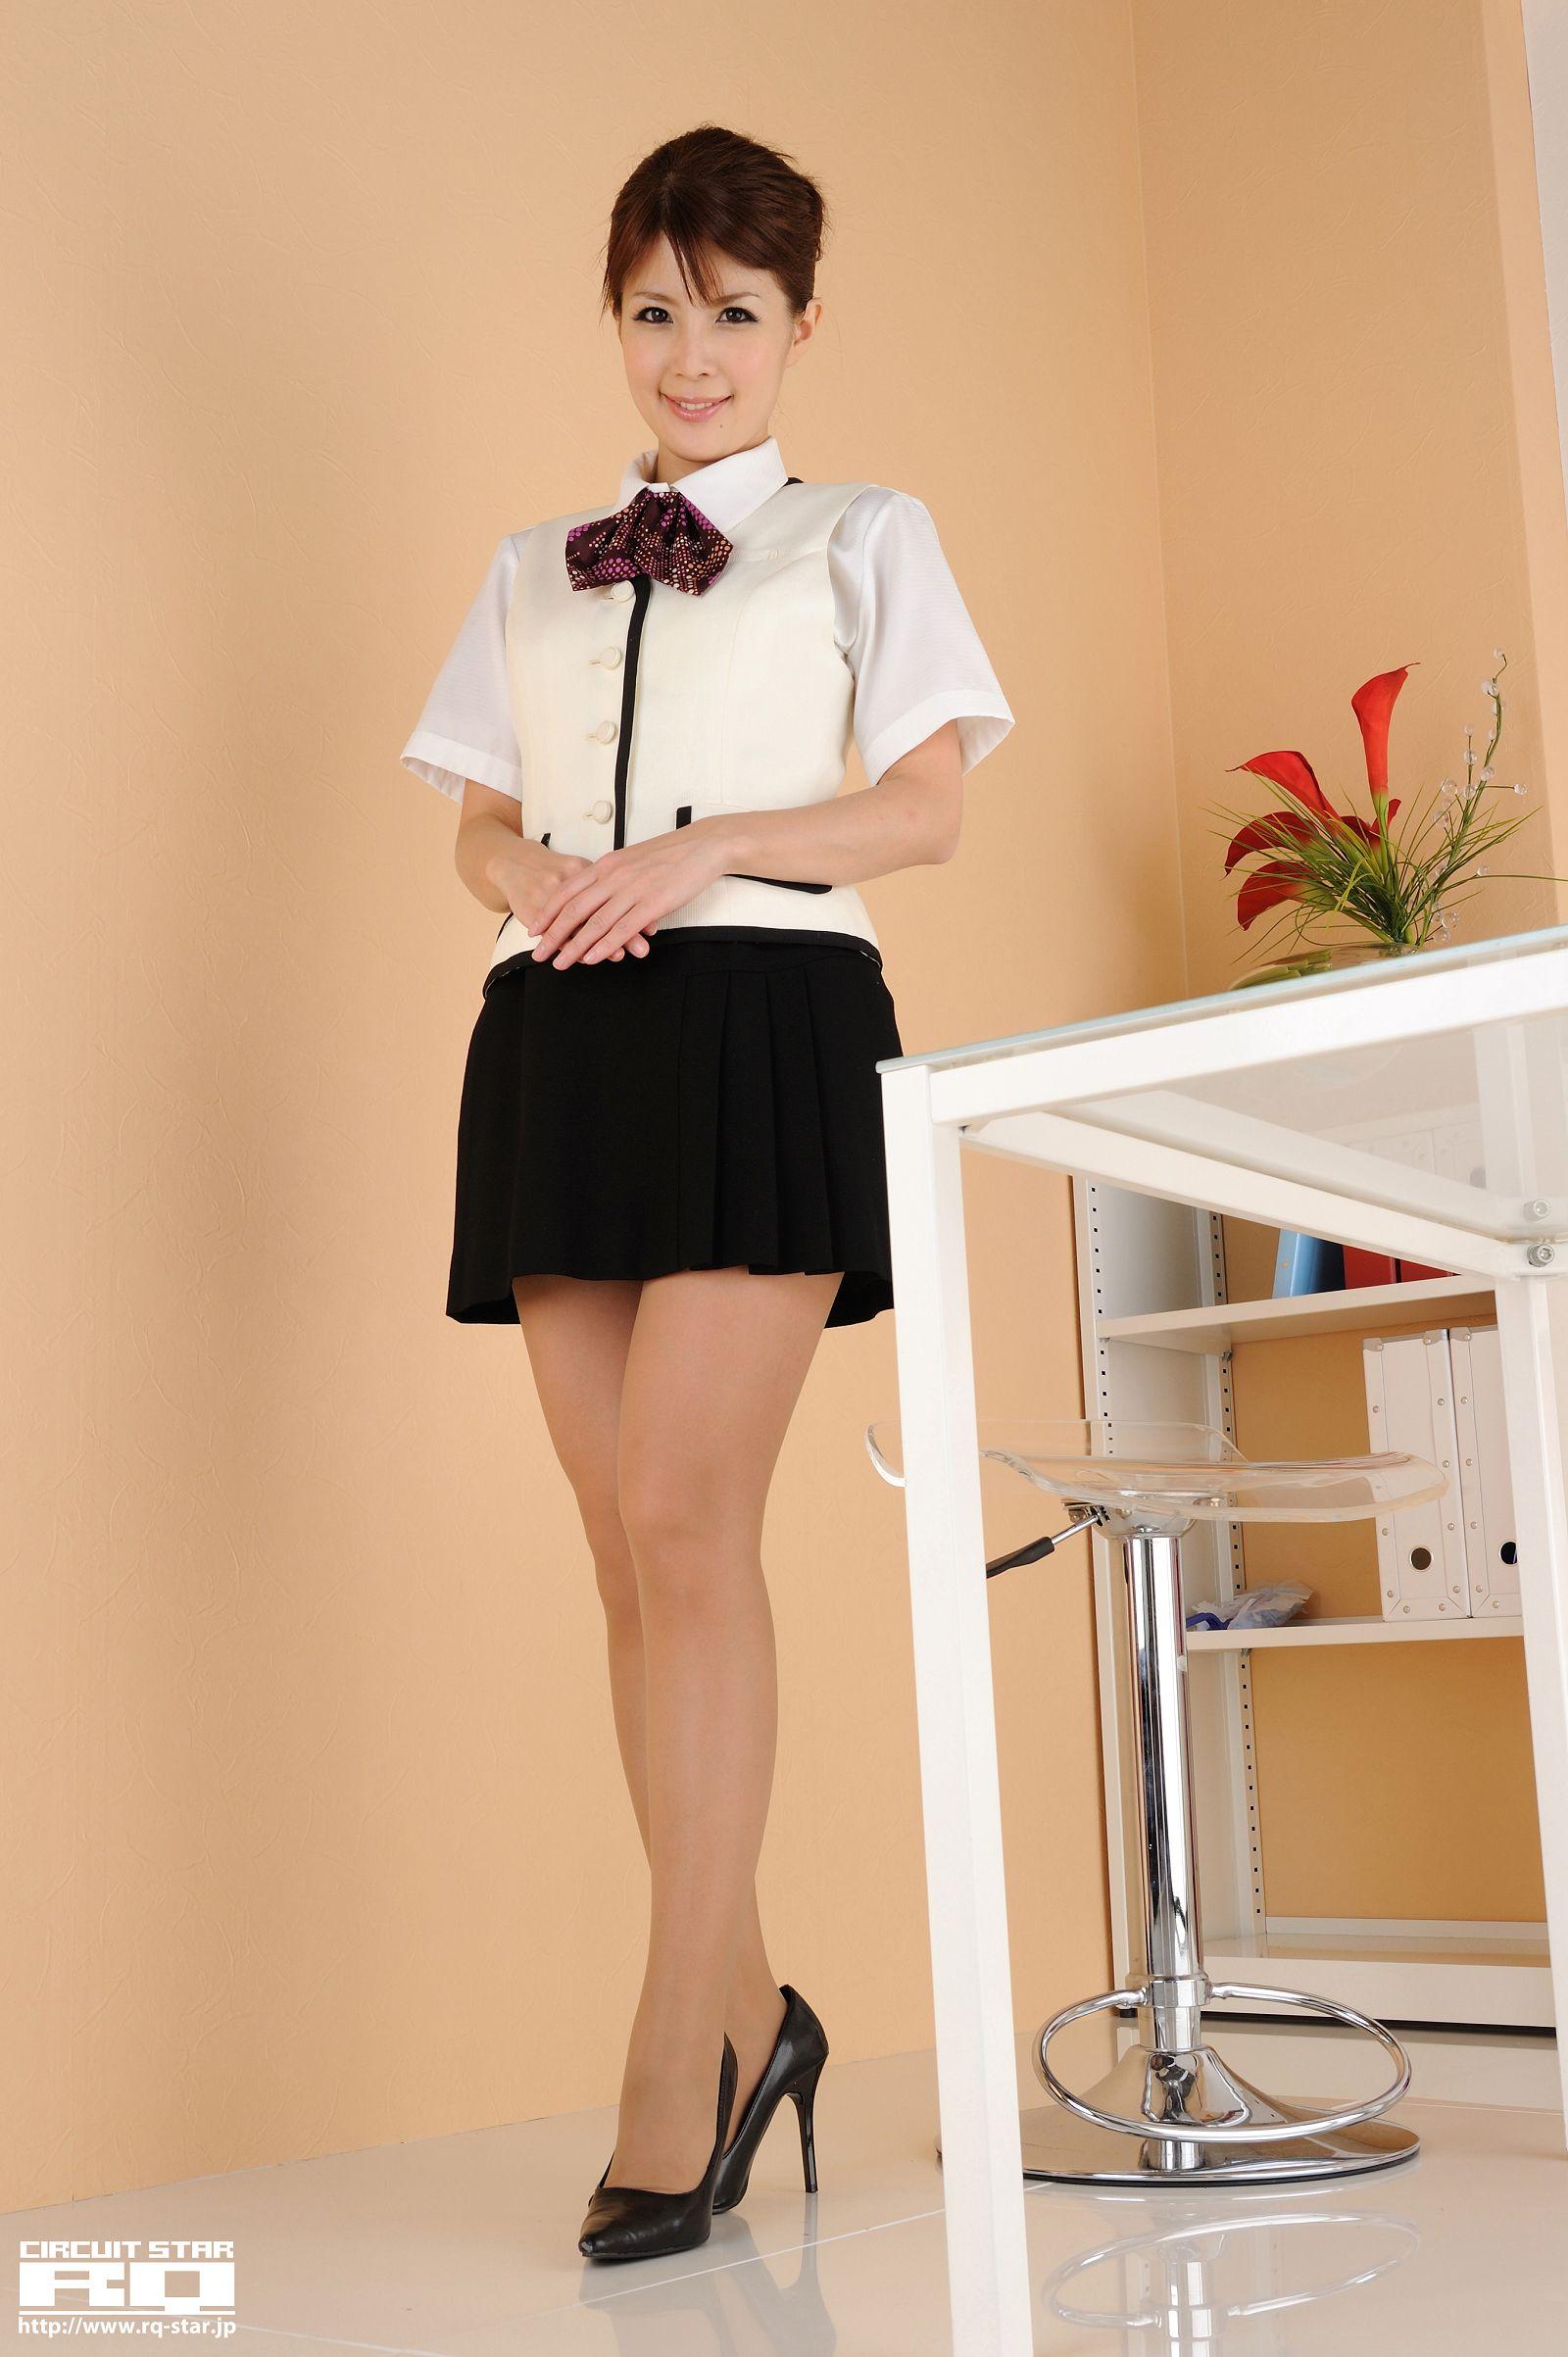 [RQ STAR美女] NO.00448 Maika Misaki 三咲舞花 Office Lady[87P] RQ STAR 第1张